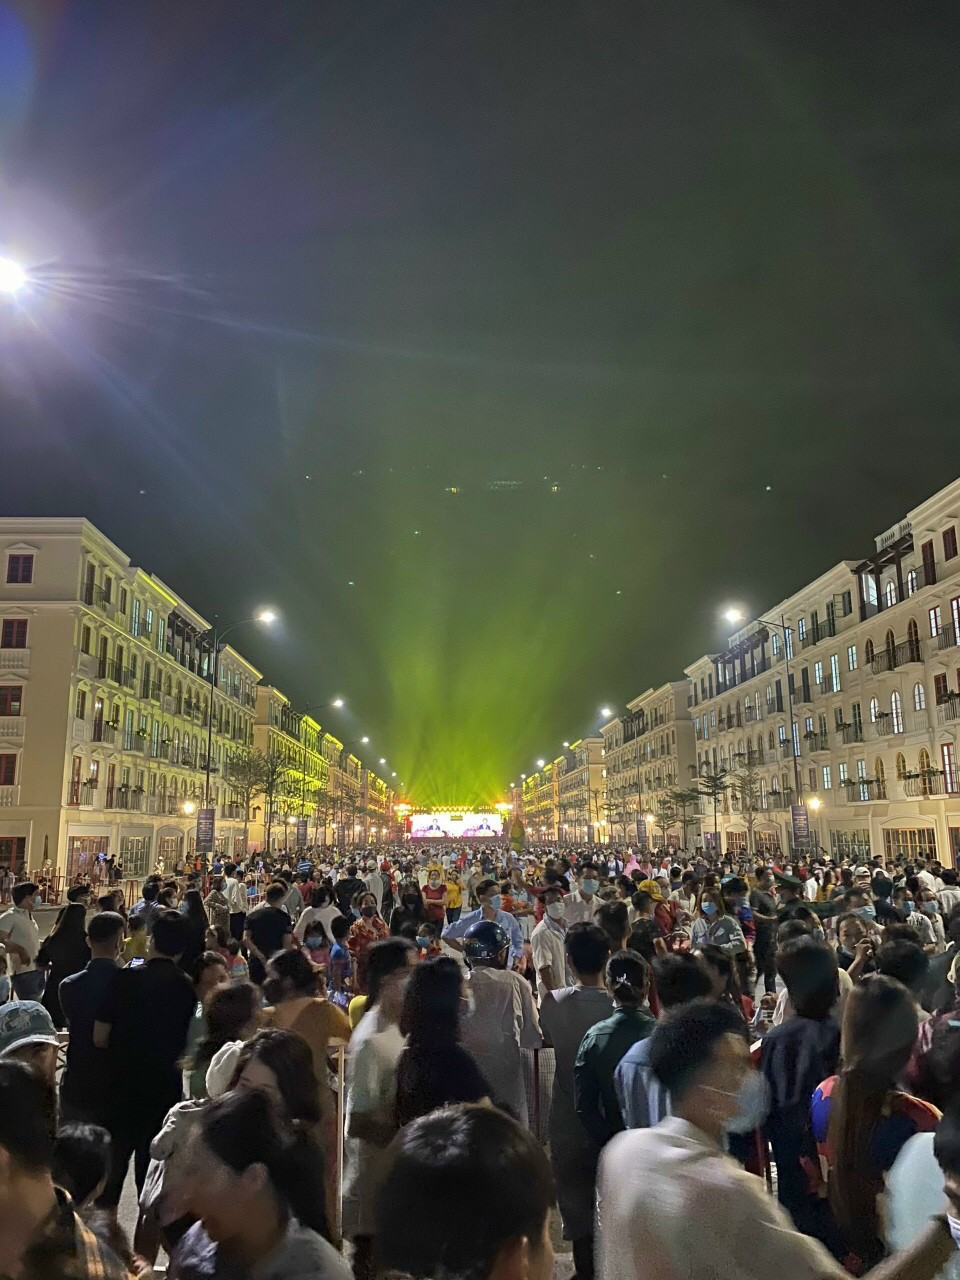 Thành phố Phú Quốc chính thức trở thành Thành phố biển đảo đầu tiên của Việt Nam 2021 2